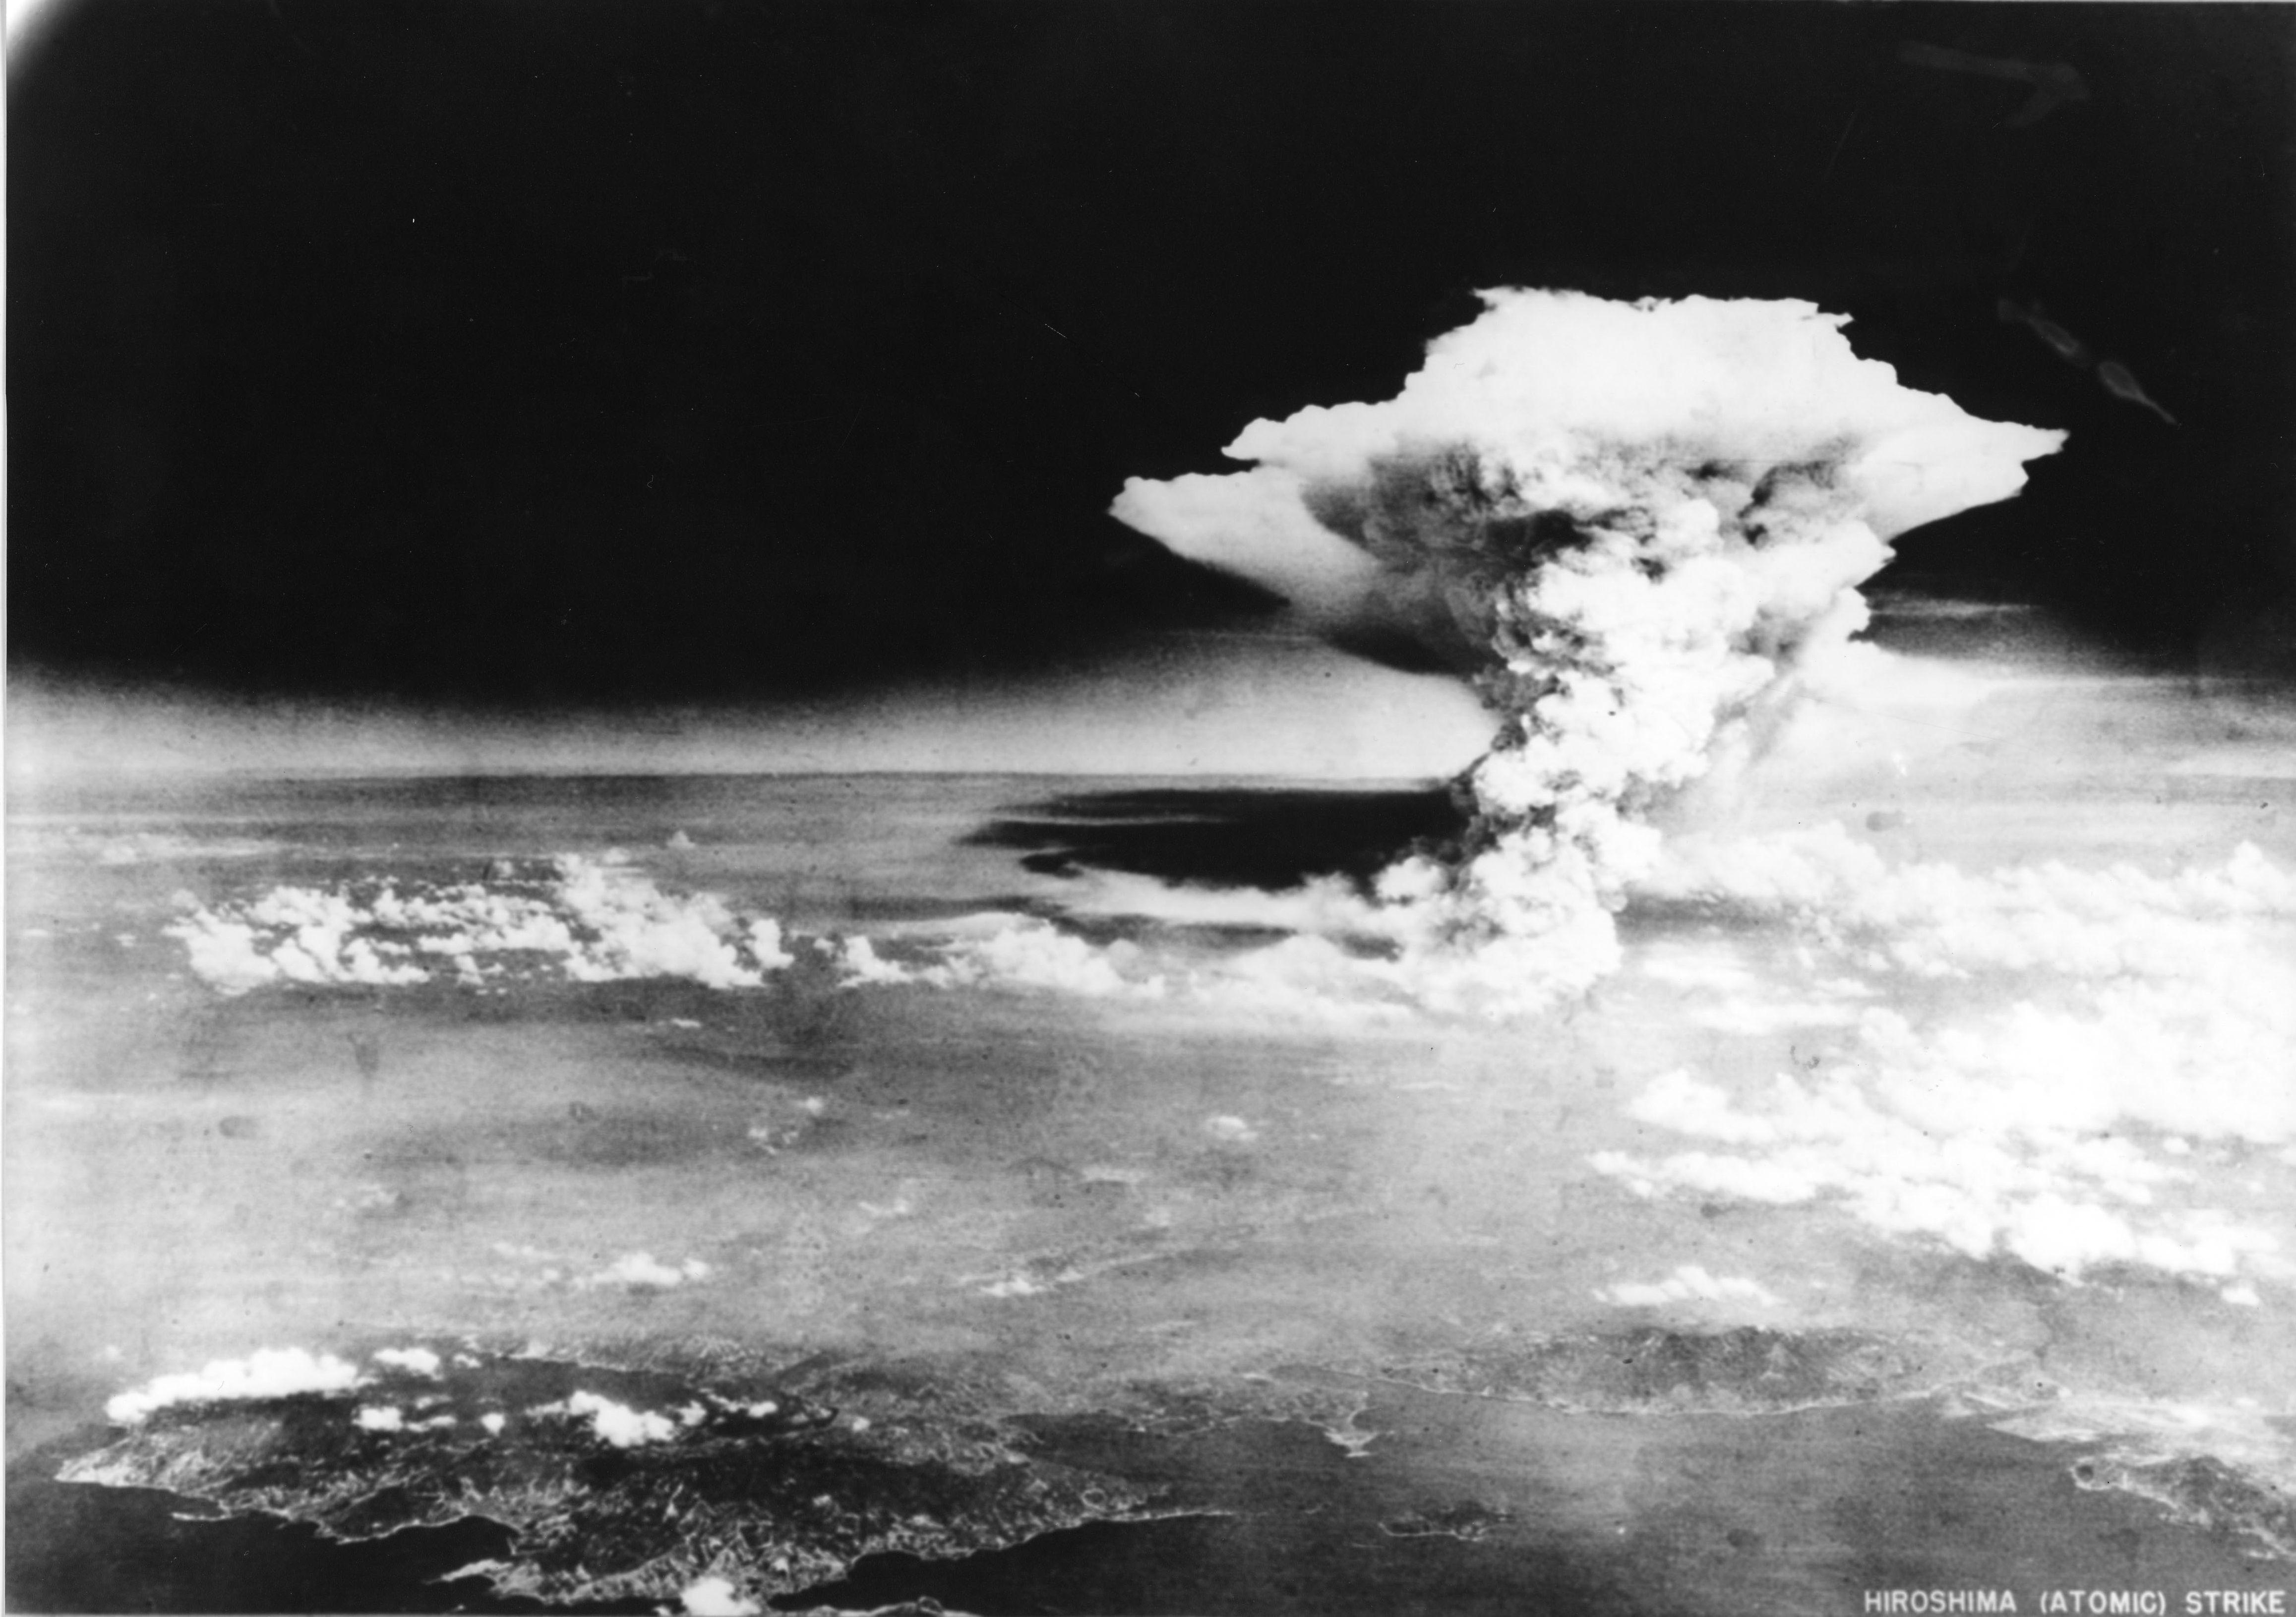 FALSKT: Legg merke til vannmerket nede til høyre i bildet. Det viser imidlertid noe helt annet enn soppskyen som oppstod etter at atombomben detonerte over Hiroshima i 1945.